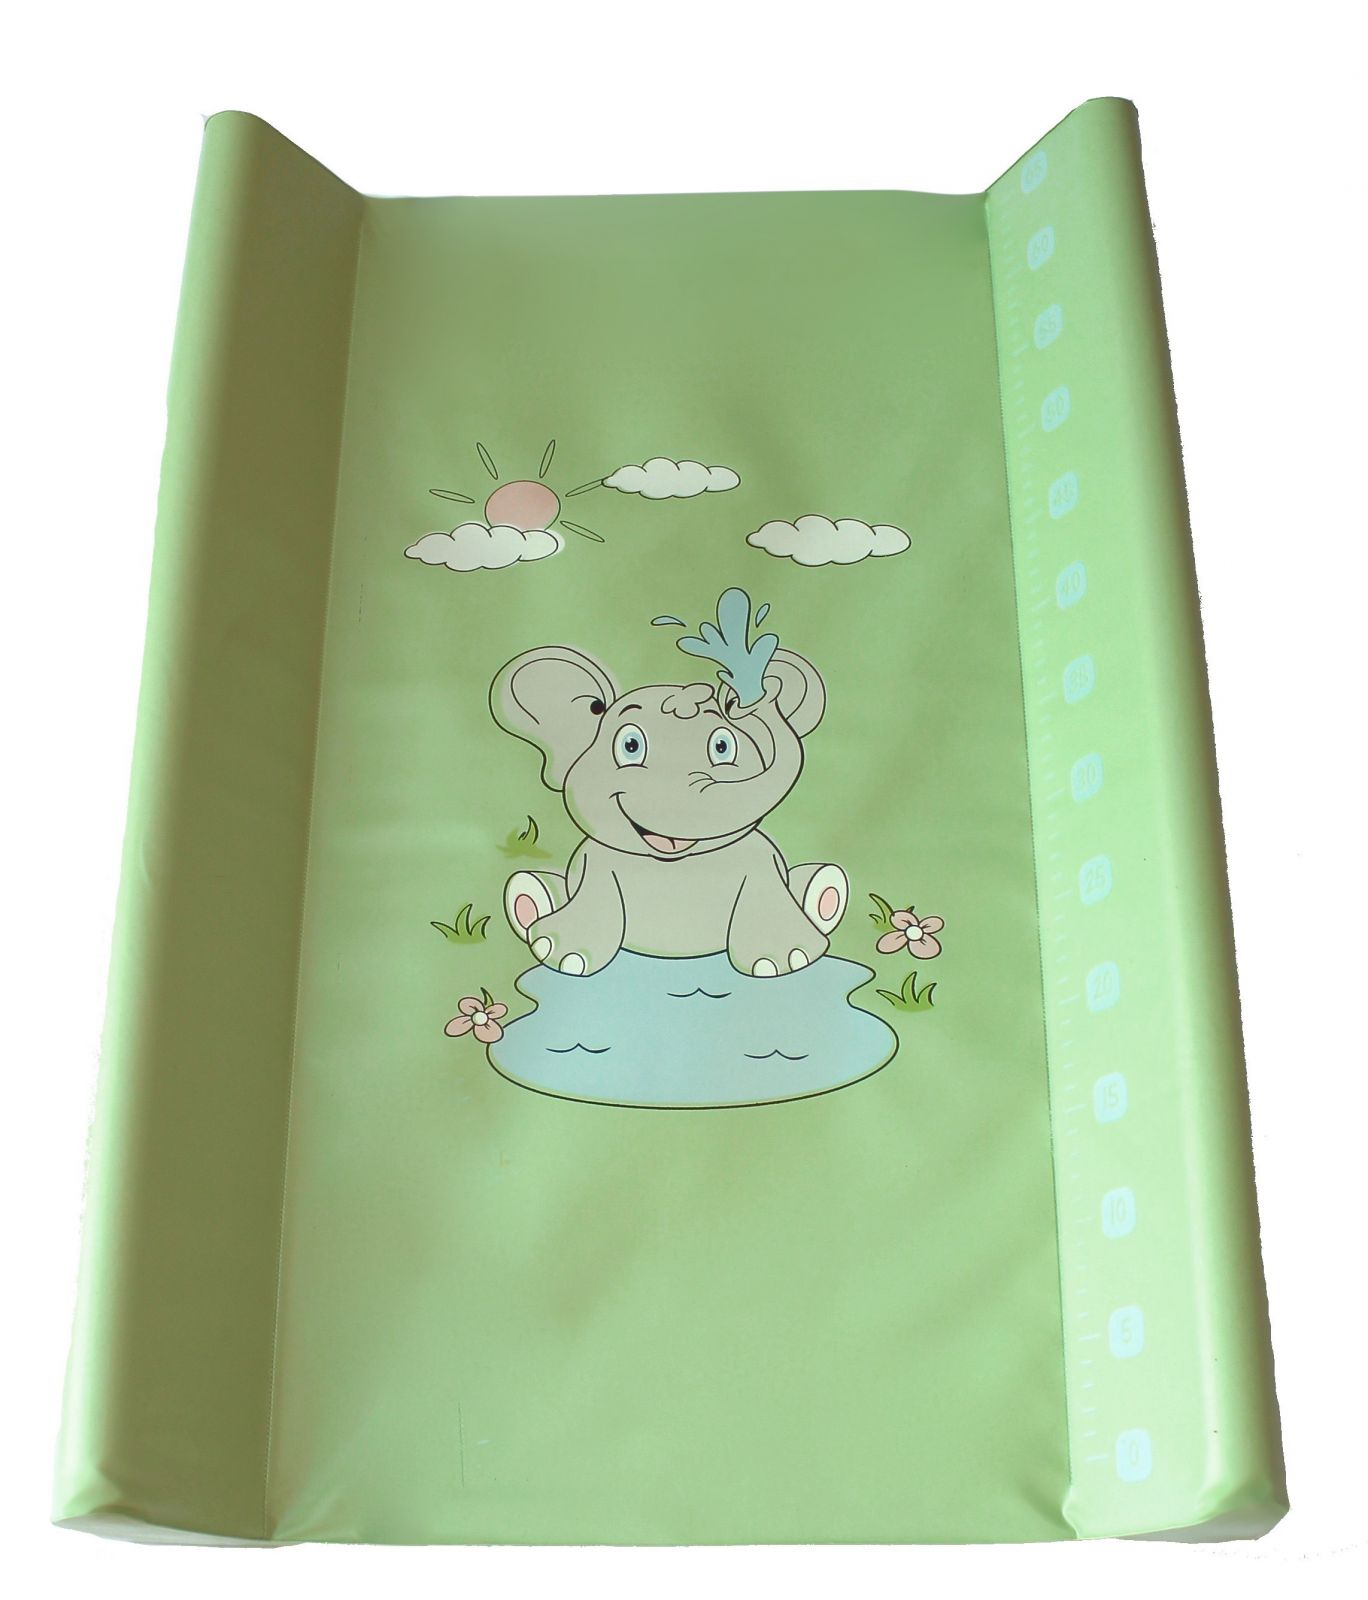 Přebalovací podložka Baby sky tvrdá 50x70 cm zelená sloník